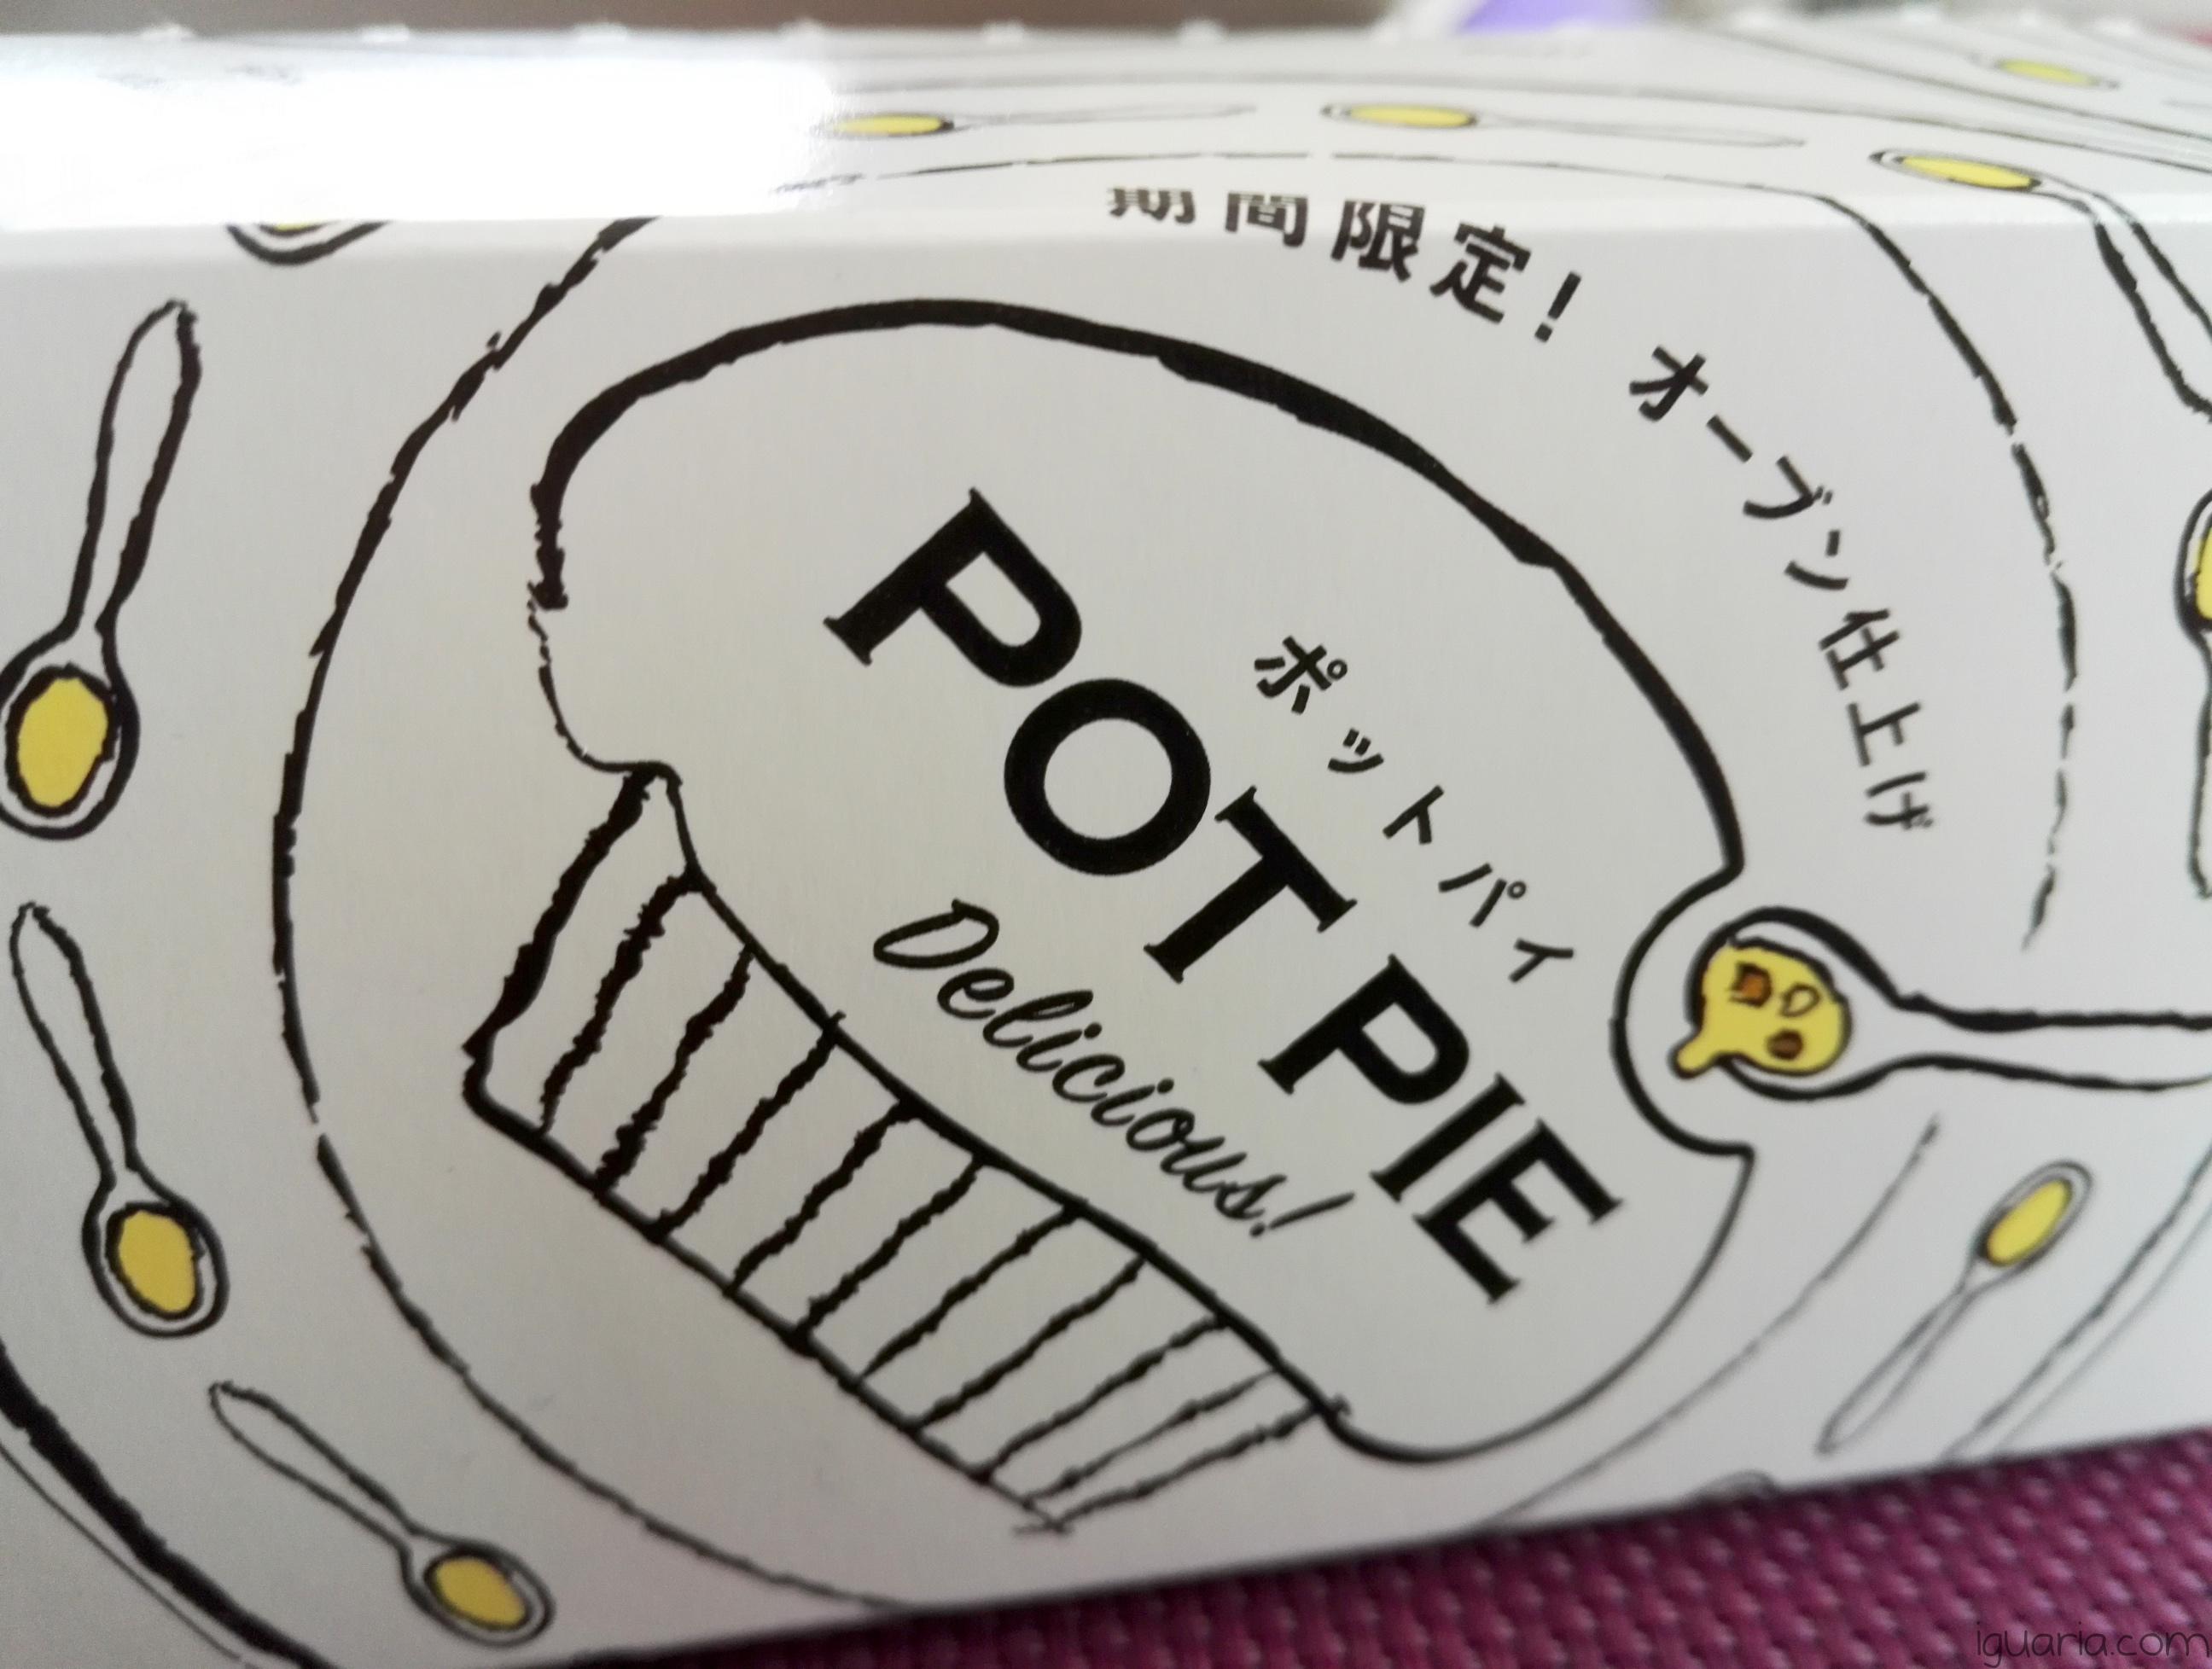 KFC Pot Pie · Iguaria Receita e Culinária - photo#27